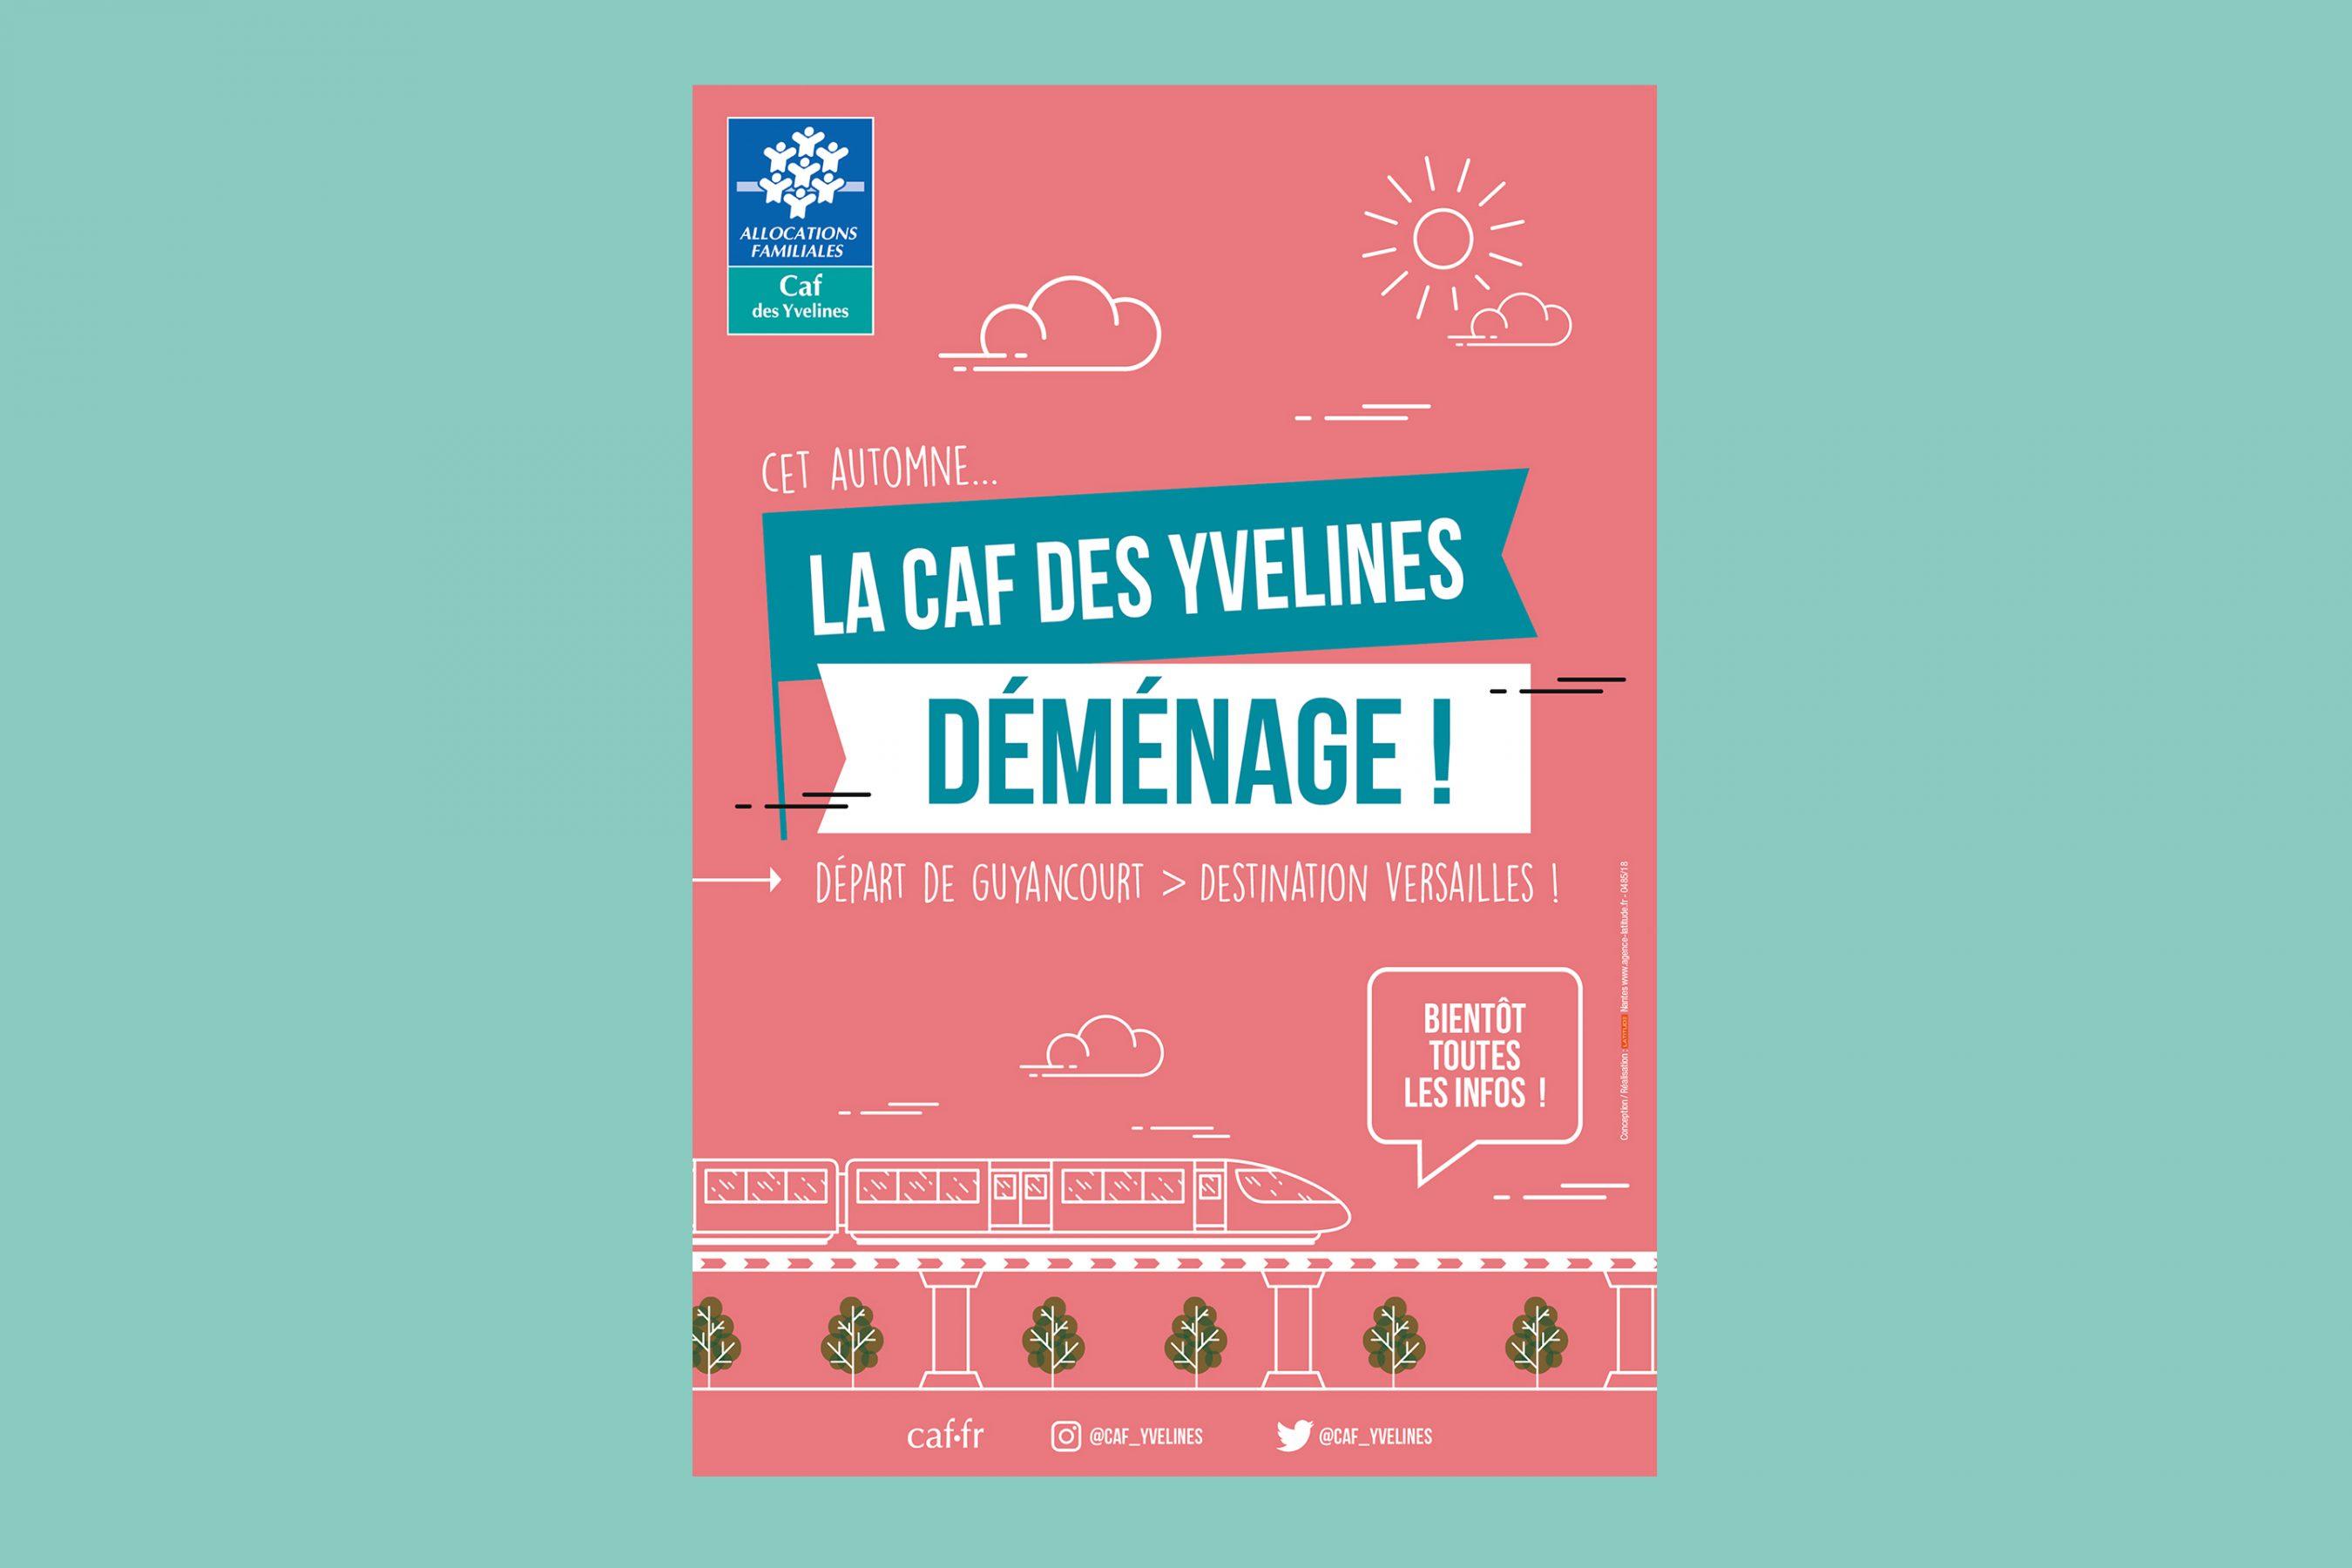 Agence conseil en communication nantes LATITUDE client caf des yvelines affiche